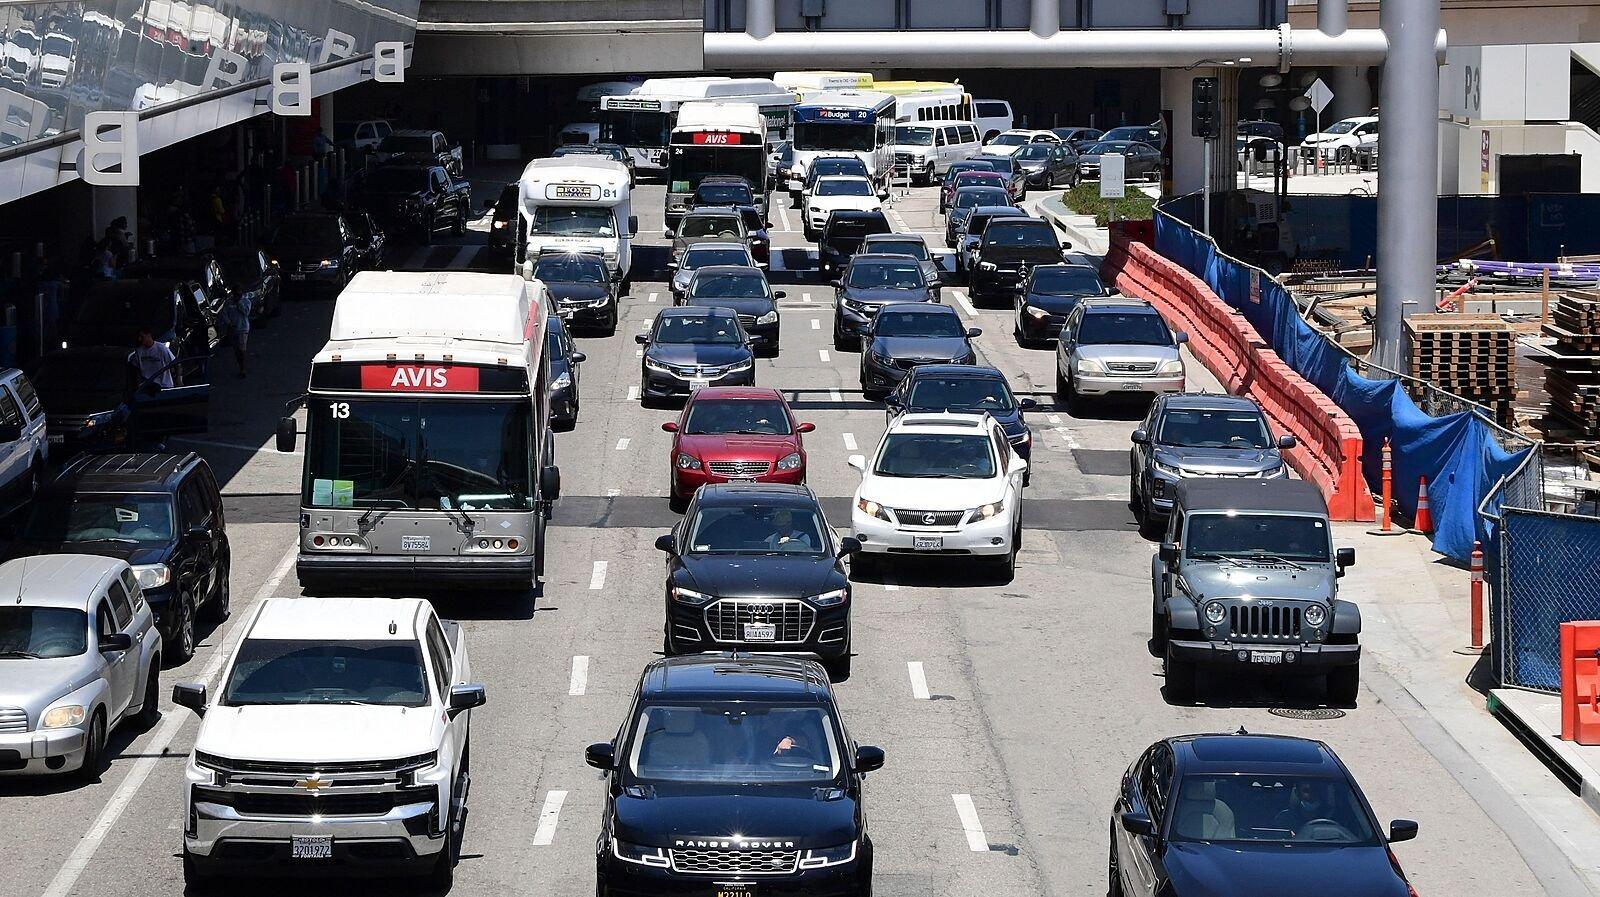 洛杉矶国际机场在 Memorial Day 前出现 2021 最高的旅游人数,比去年增长 60%